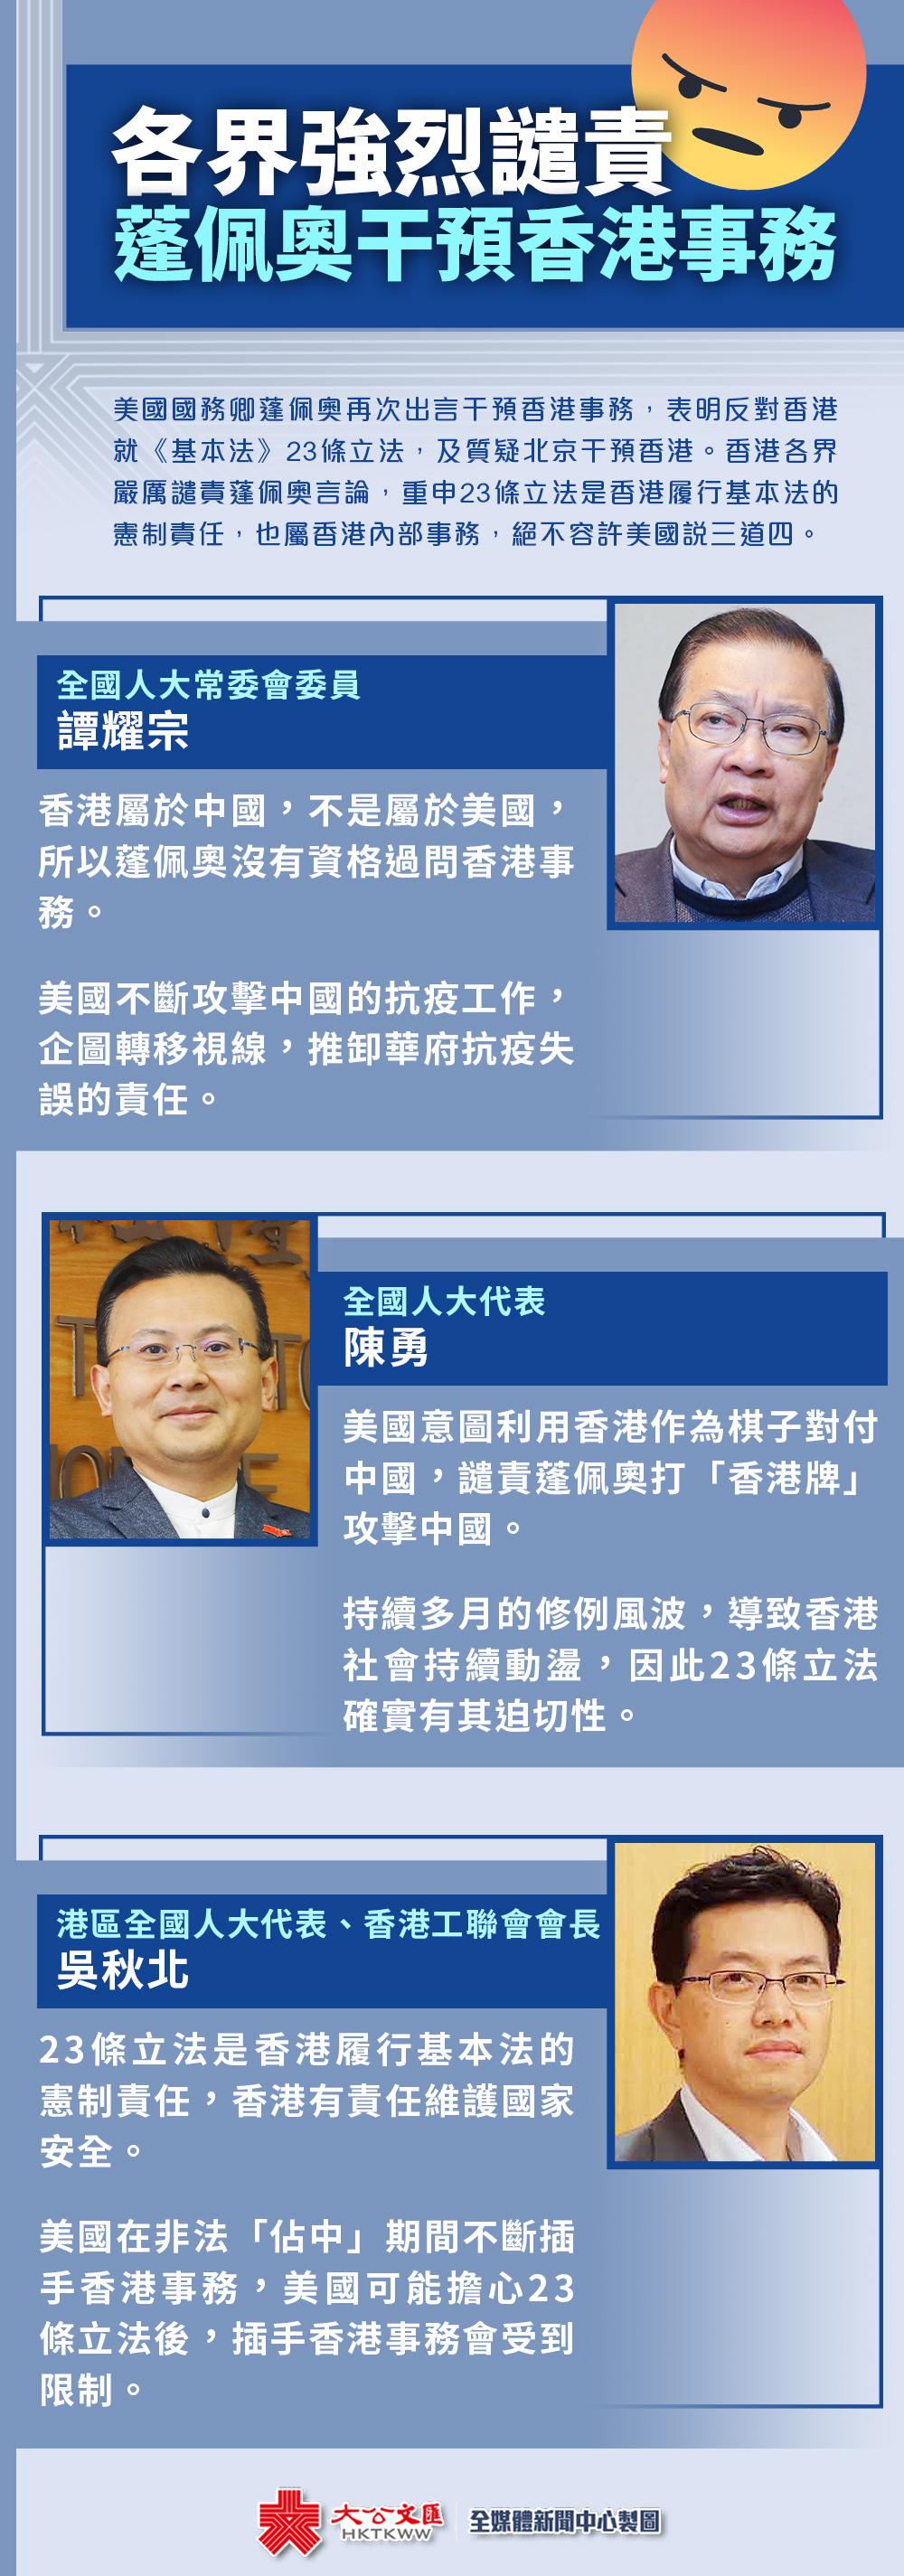 各界強烈譴責蓬佩奧干預香港事務